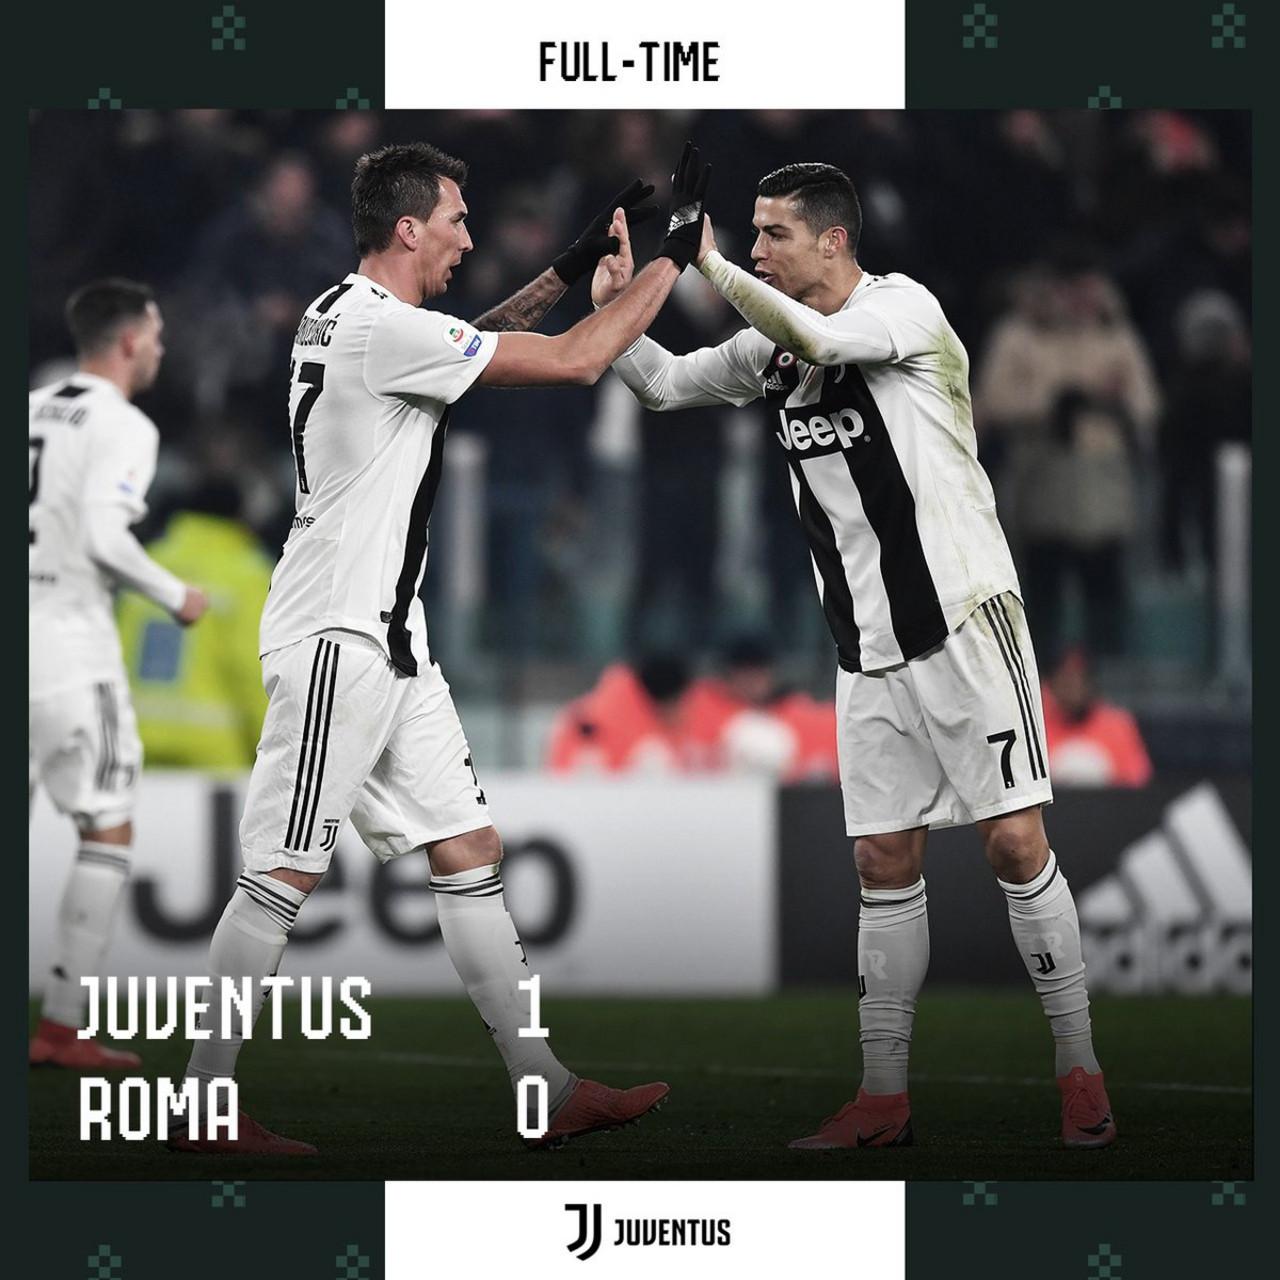 Serie A- La Juventus batte la Roma 1-0 ed è campione d'inverno